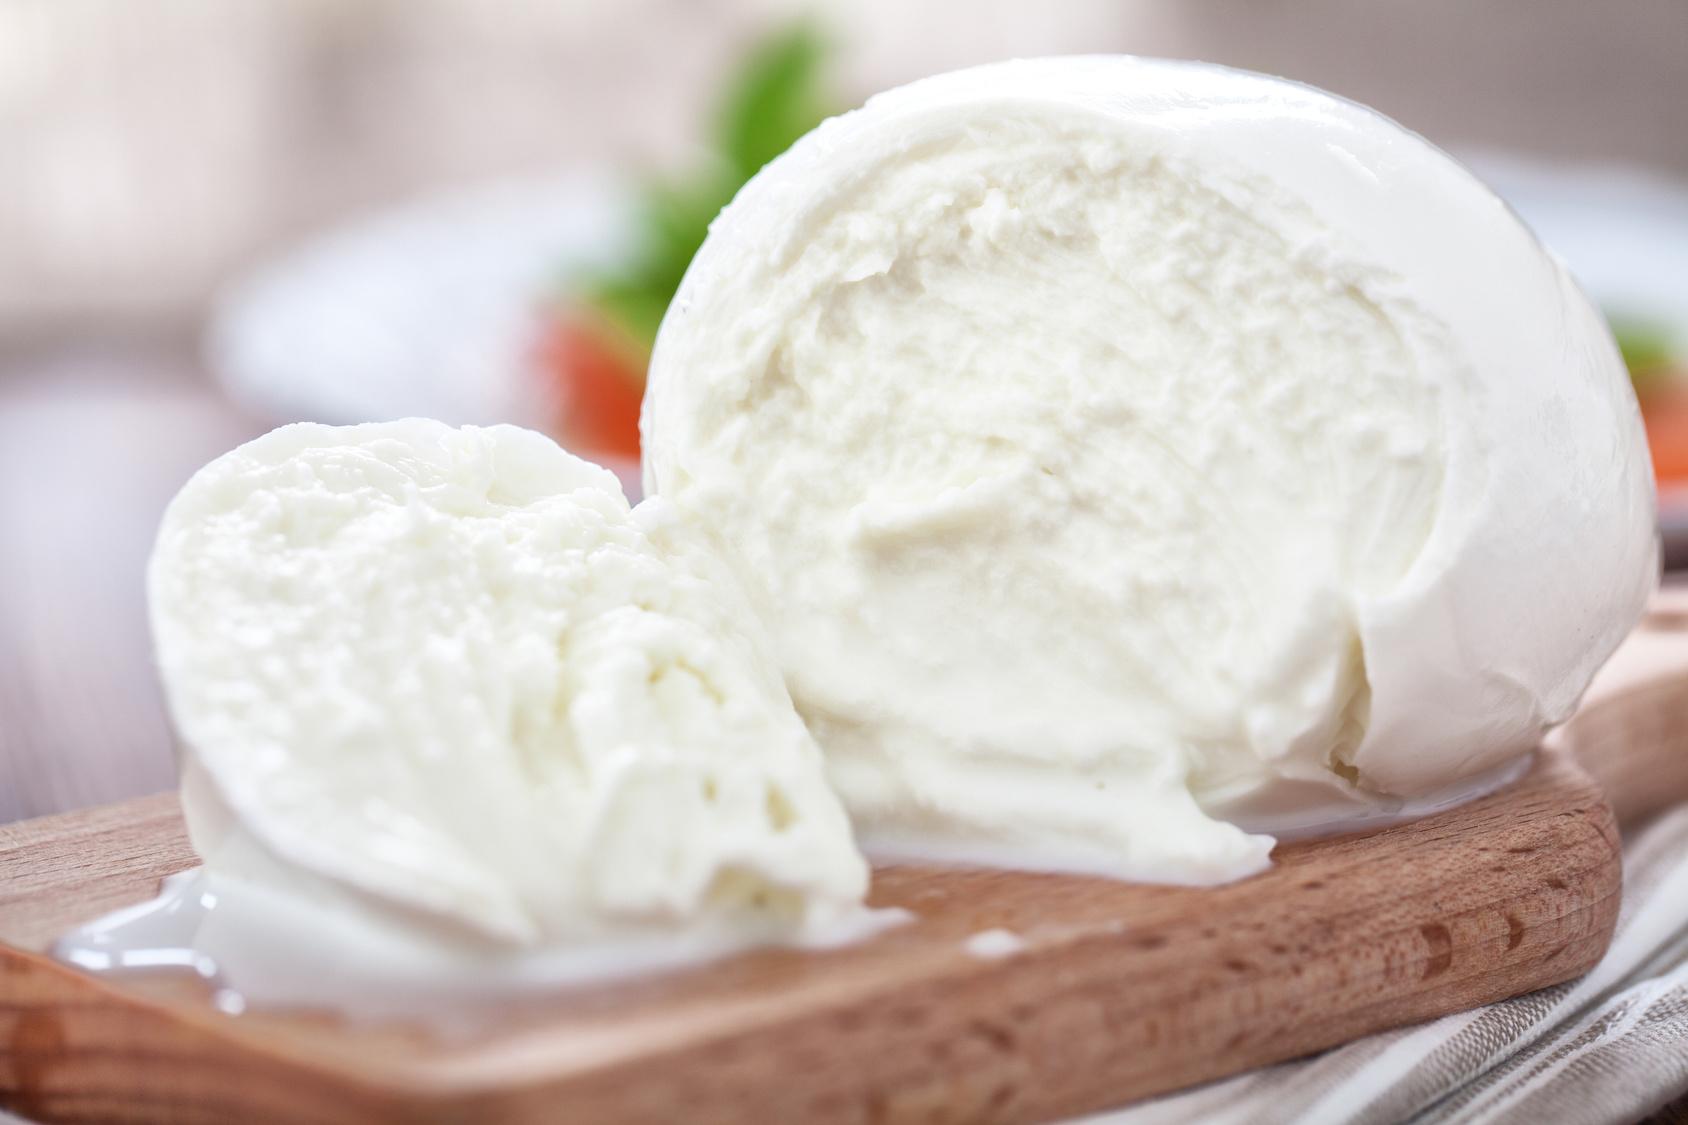 Supermercato richiama lotto di mozzarella di Bufala Campana contaminata (NAZIONALE)